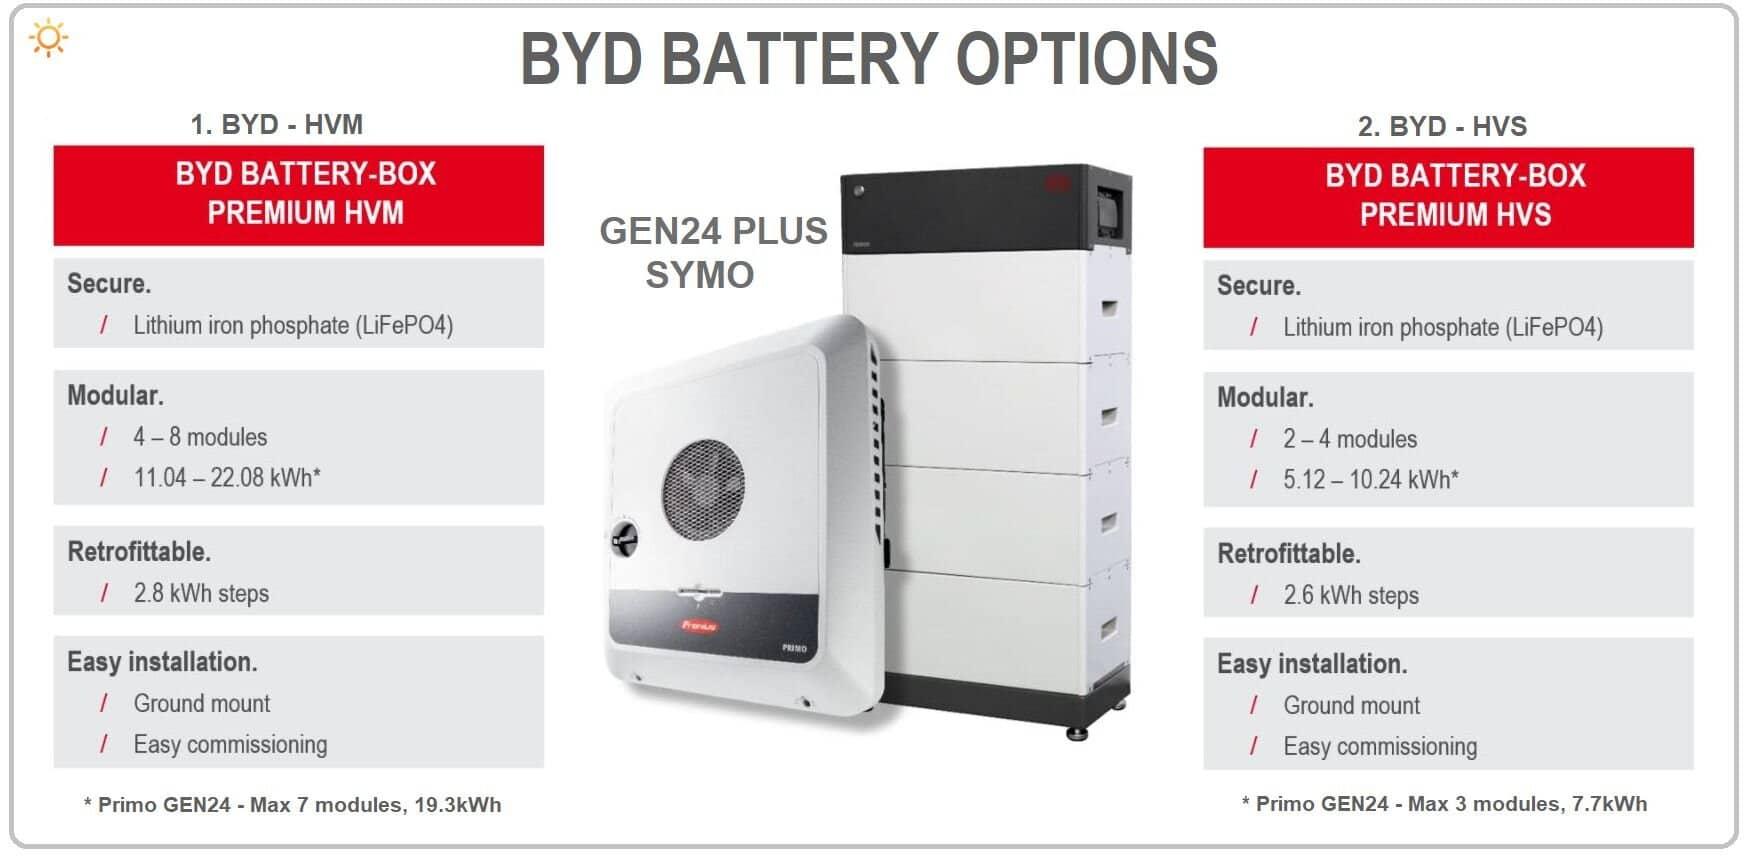 GEN24 Plus Варіанти акумуляторів